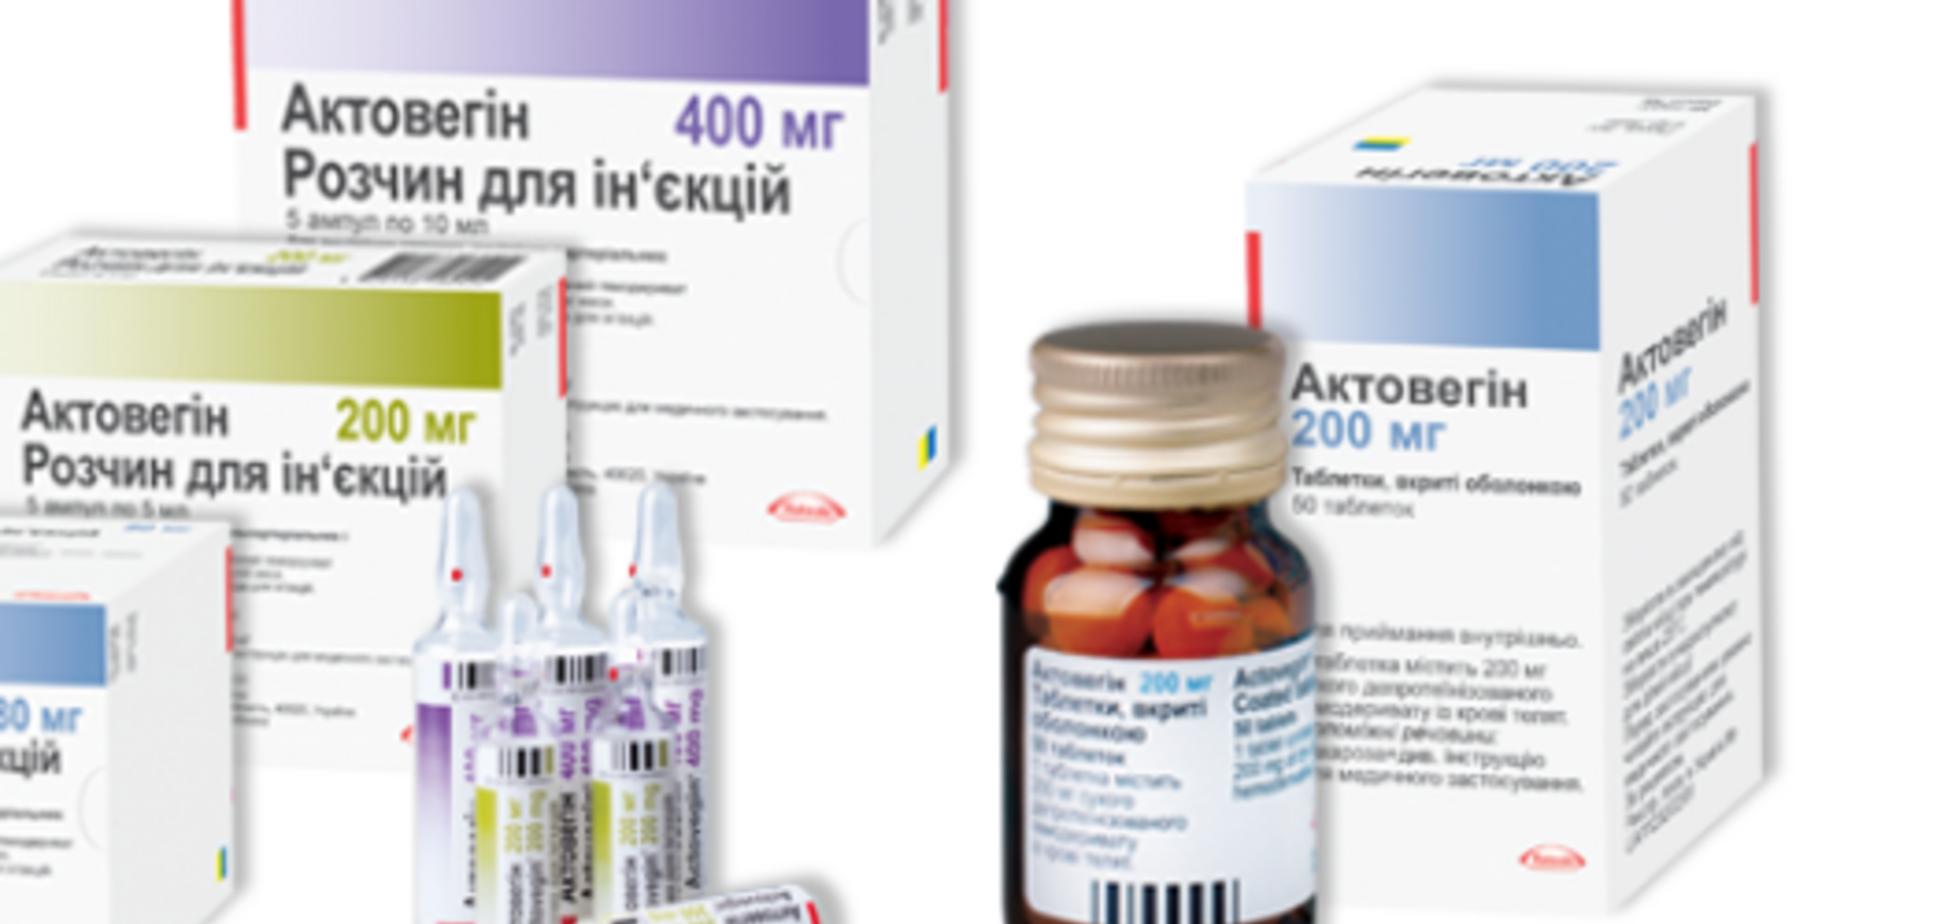 Фармацевтическая компания 'Takeda': продает неэффективный препарат